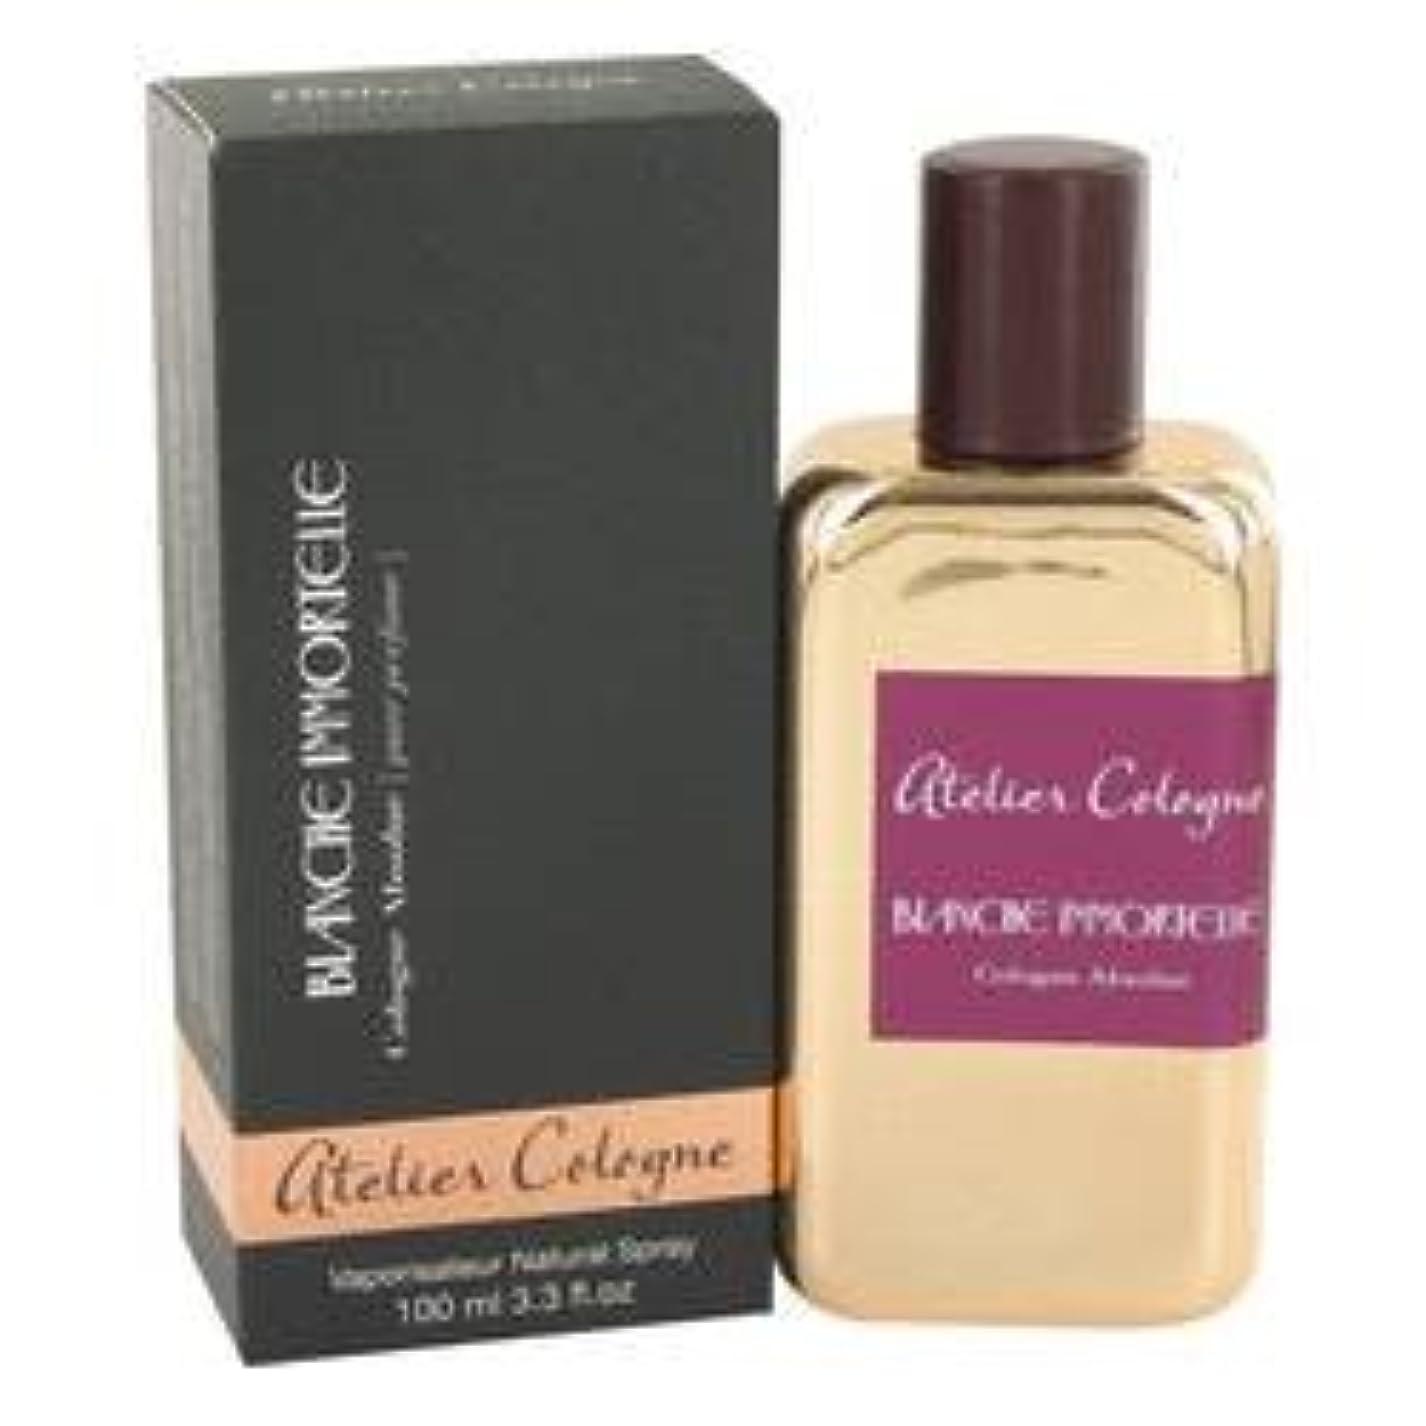 アセ十億おかしいBlanche Immortelle Pure Perfume Spray By Atelier Cologne